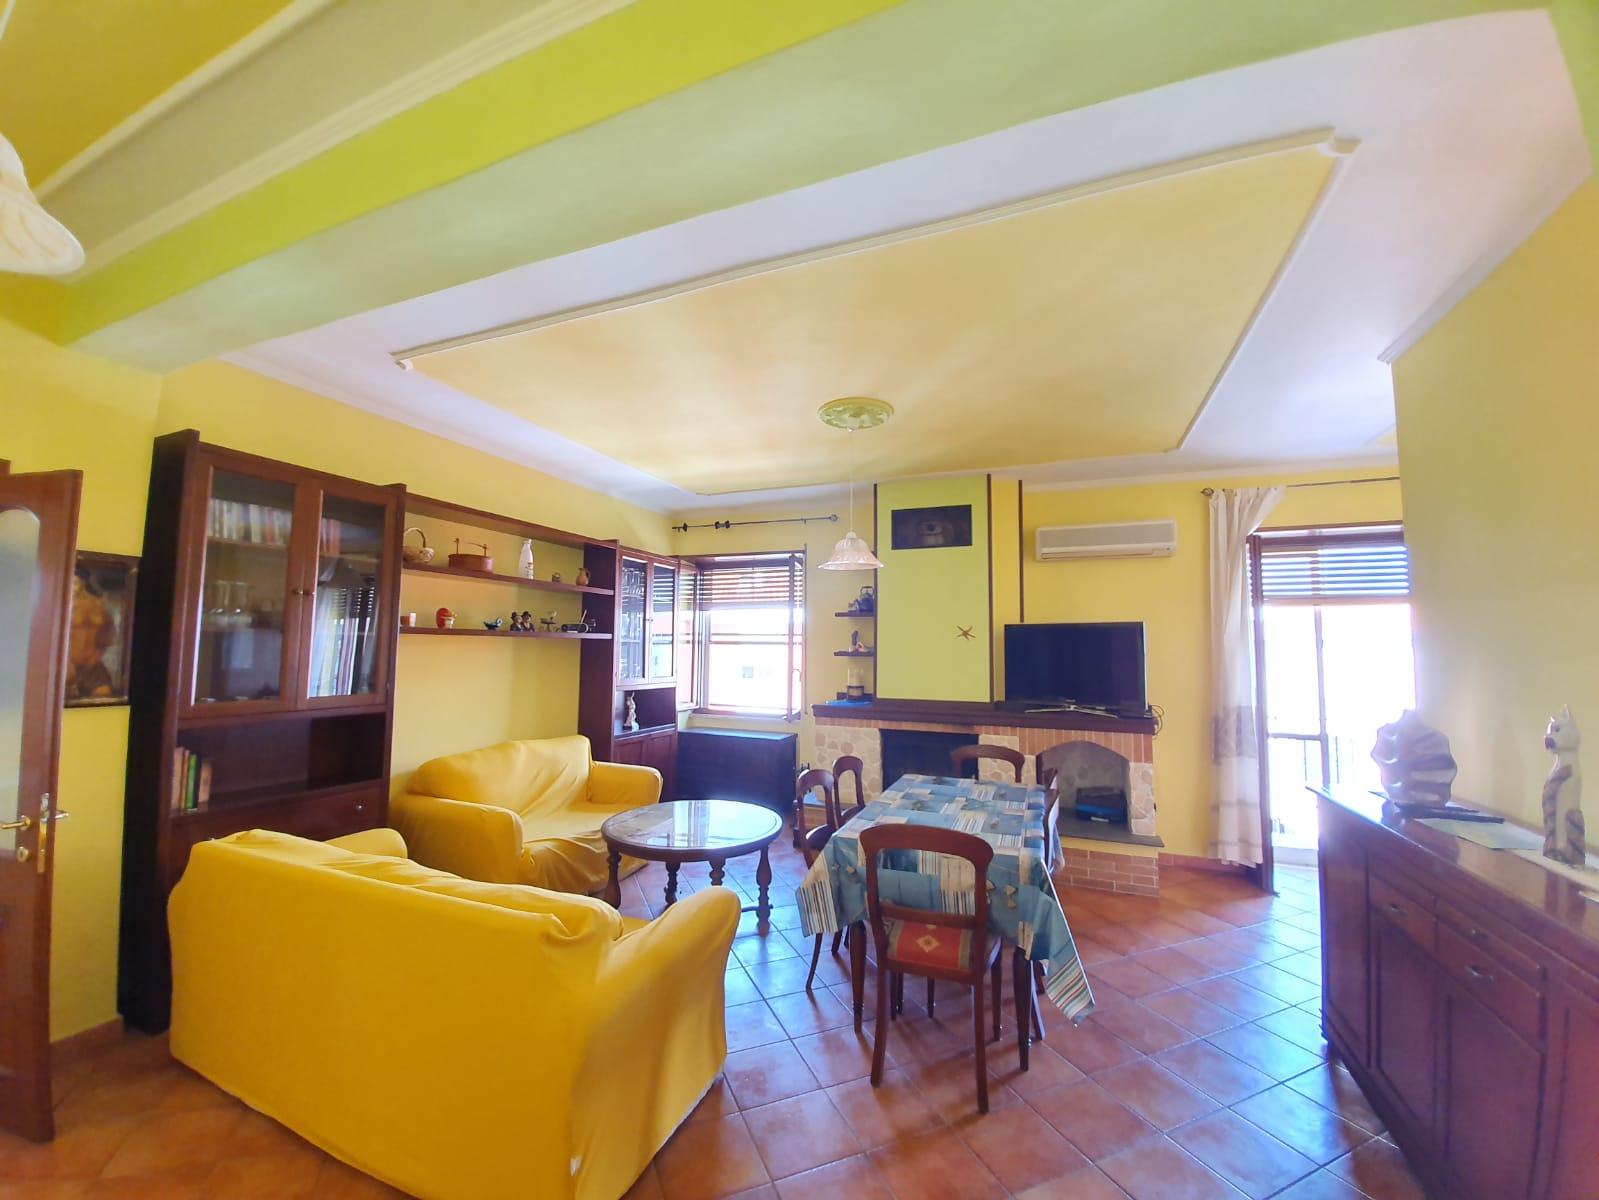 Attico / Mansarda in vendita a Tortolì, 5 locali, prezzo € 125.000 | PortaleAgenzieImmobiliari.it